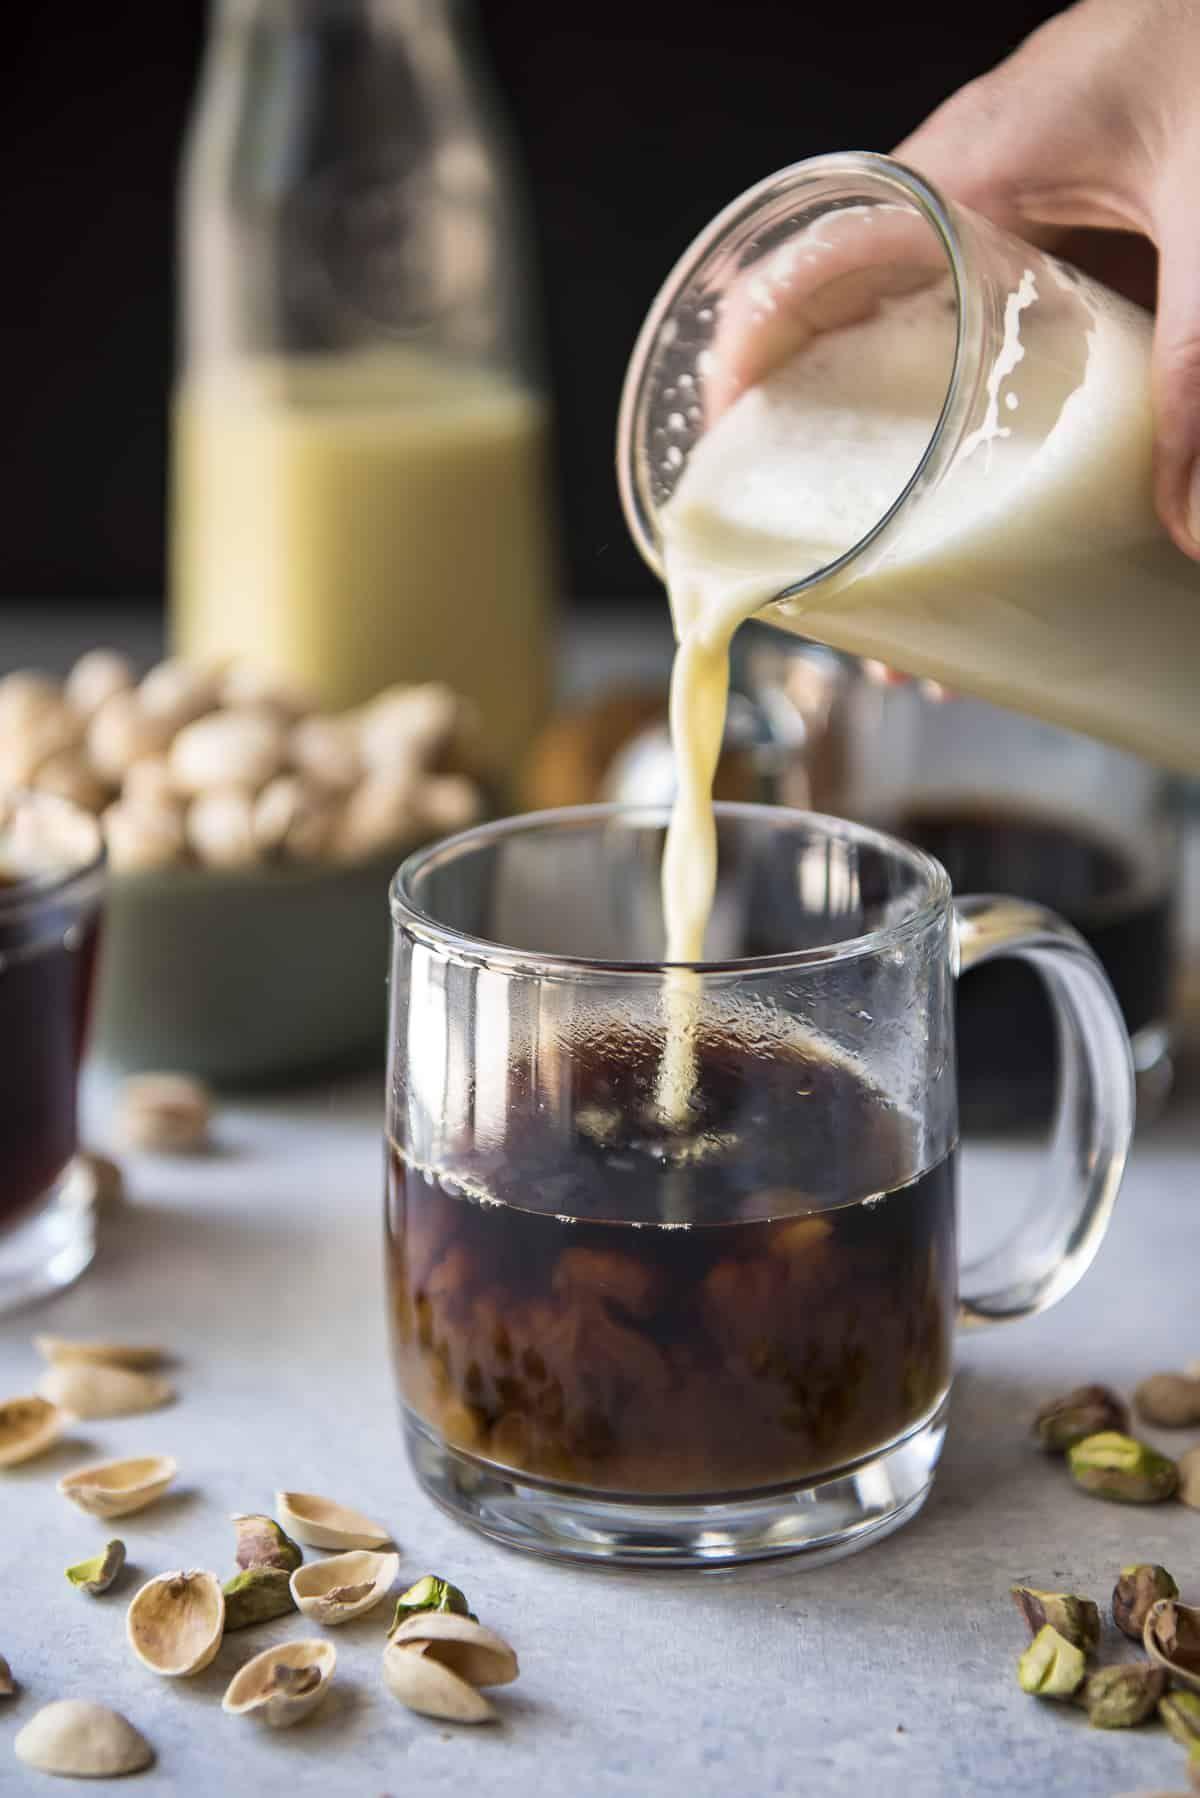 Creamy Pistachio Latte recipe Latte recipe, Cafe latte